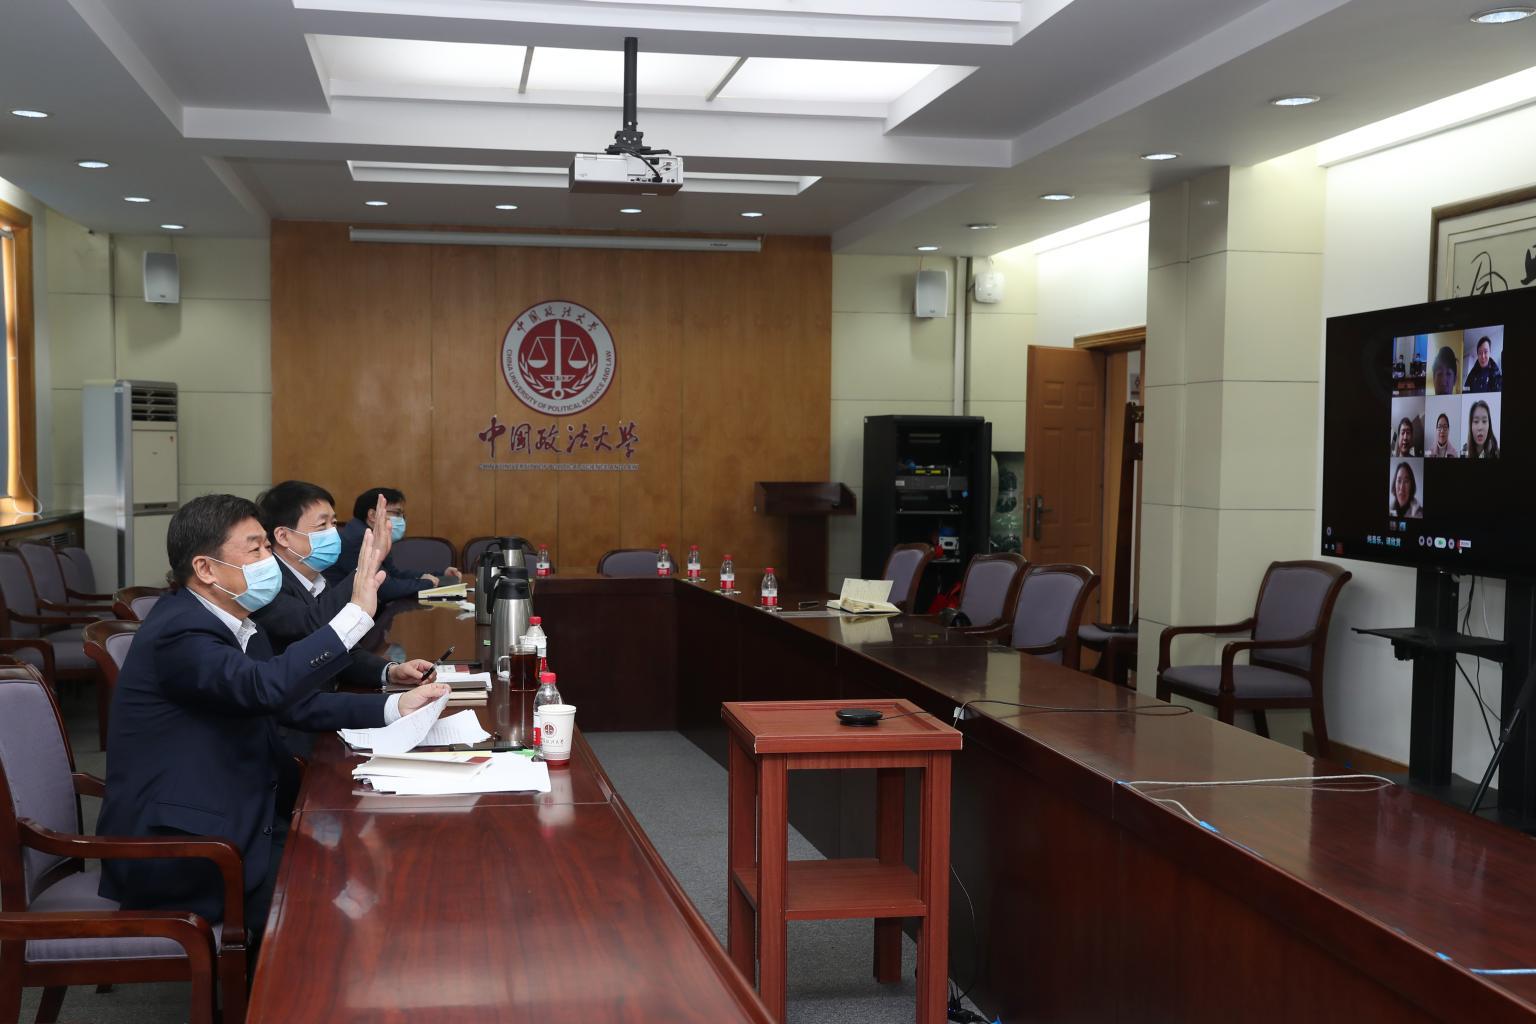 党委书记胡明、校长马怀德视频连线慰问湖北师生